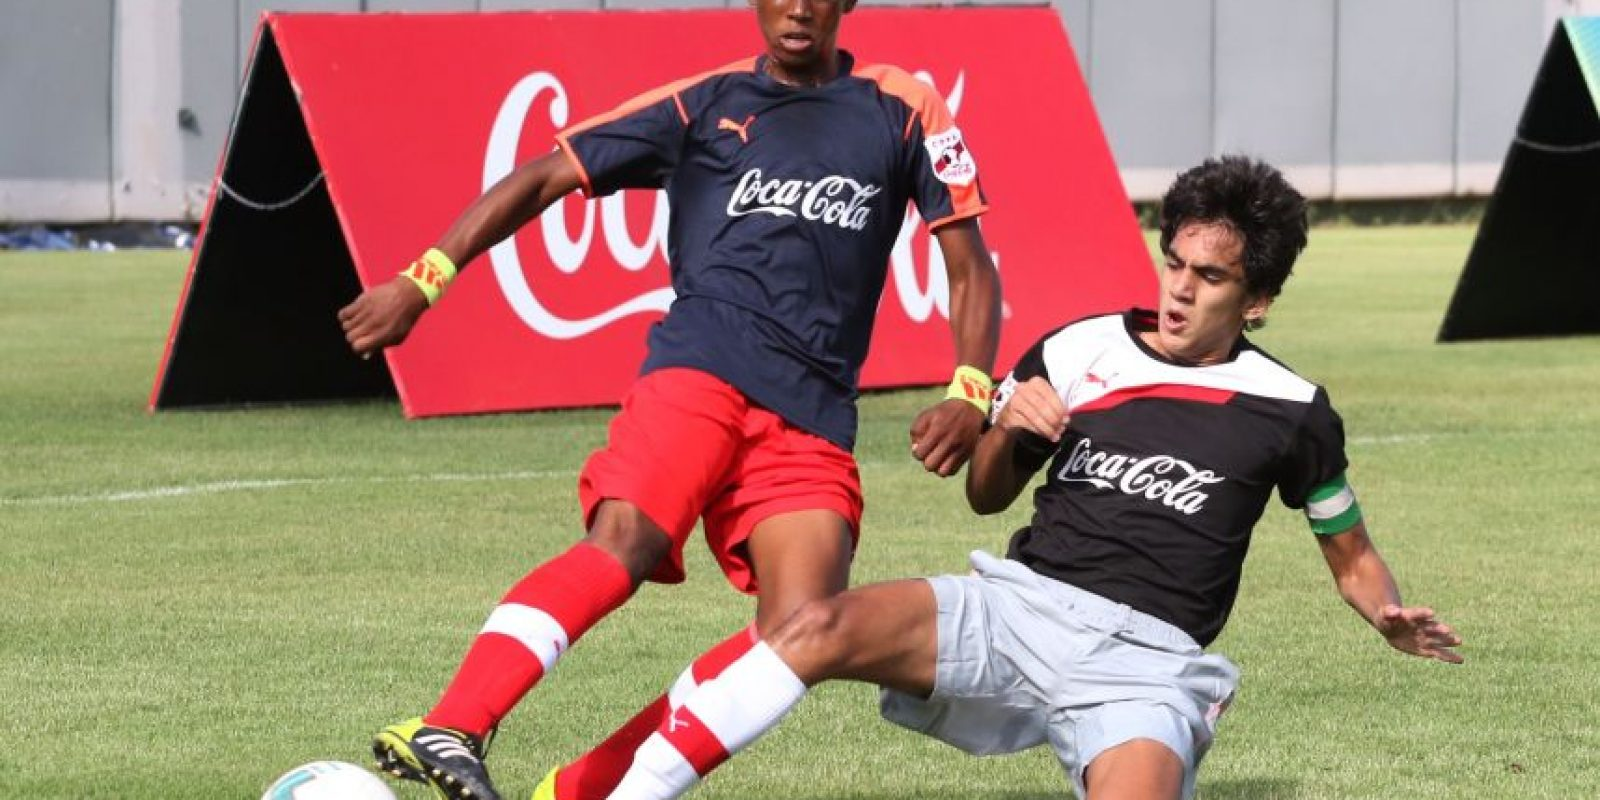 Momento de acción del partido entre los equipos del colegio San Judas Tadeo y la escuela Angulo Guridi durante la ronda de grupos de la etapa c. Foto:Fuente externa